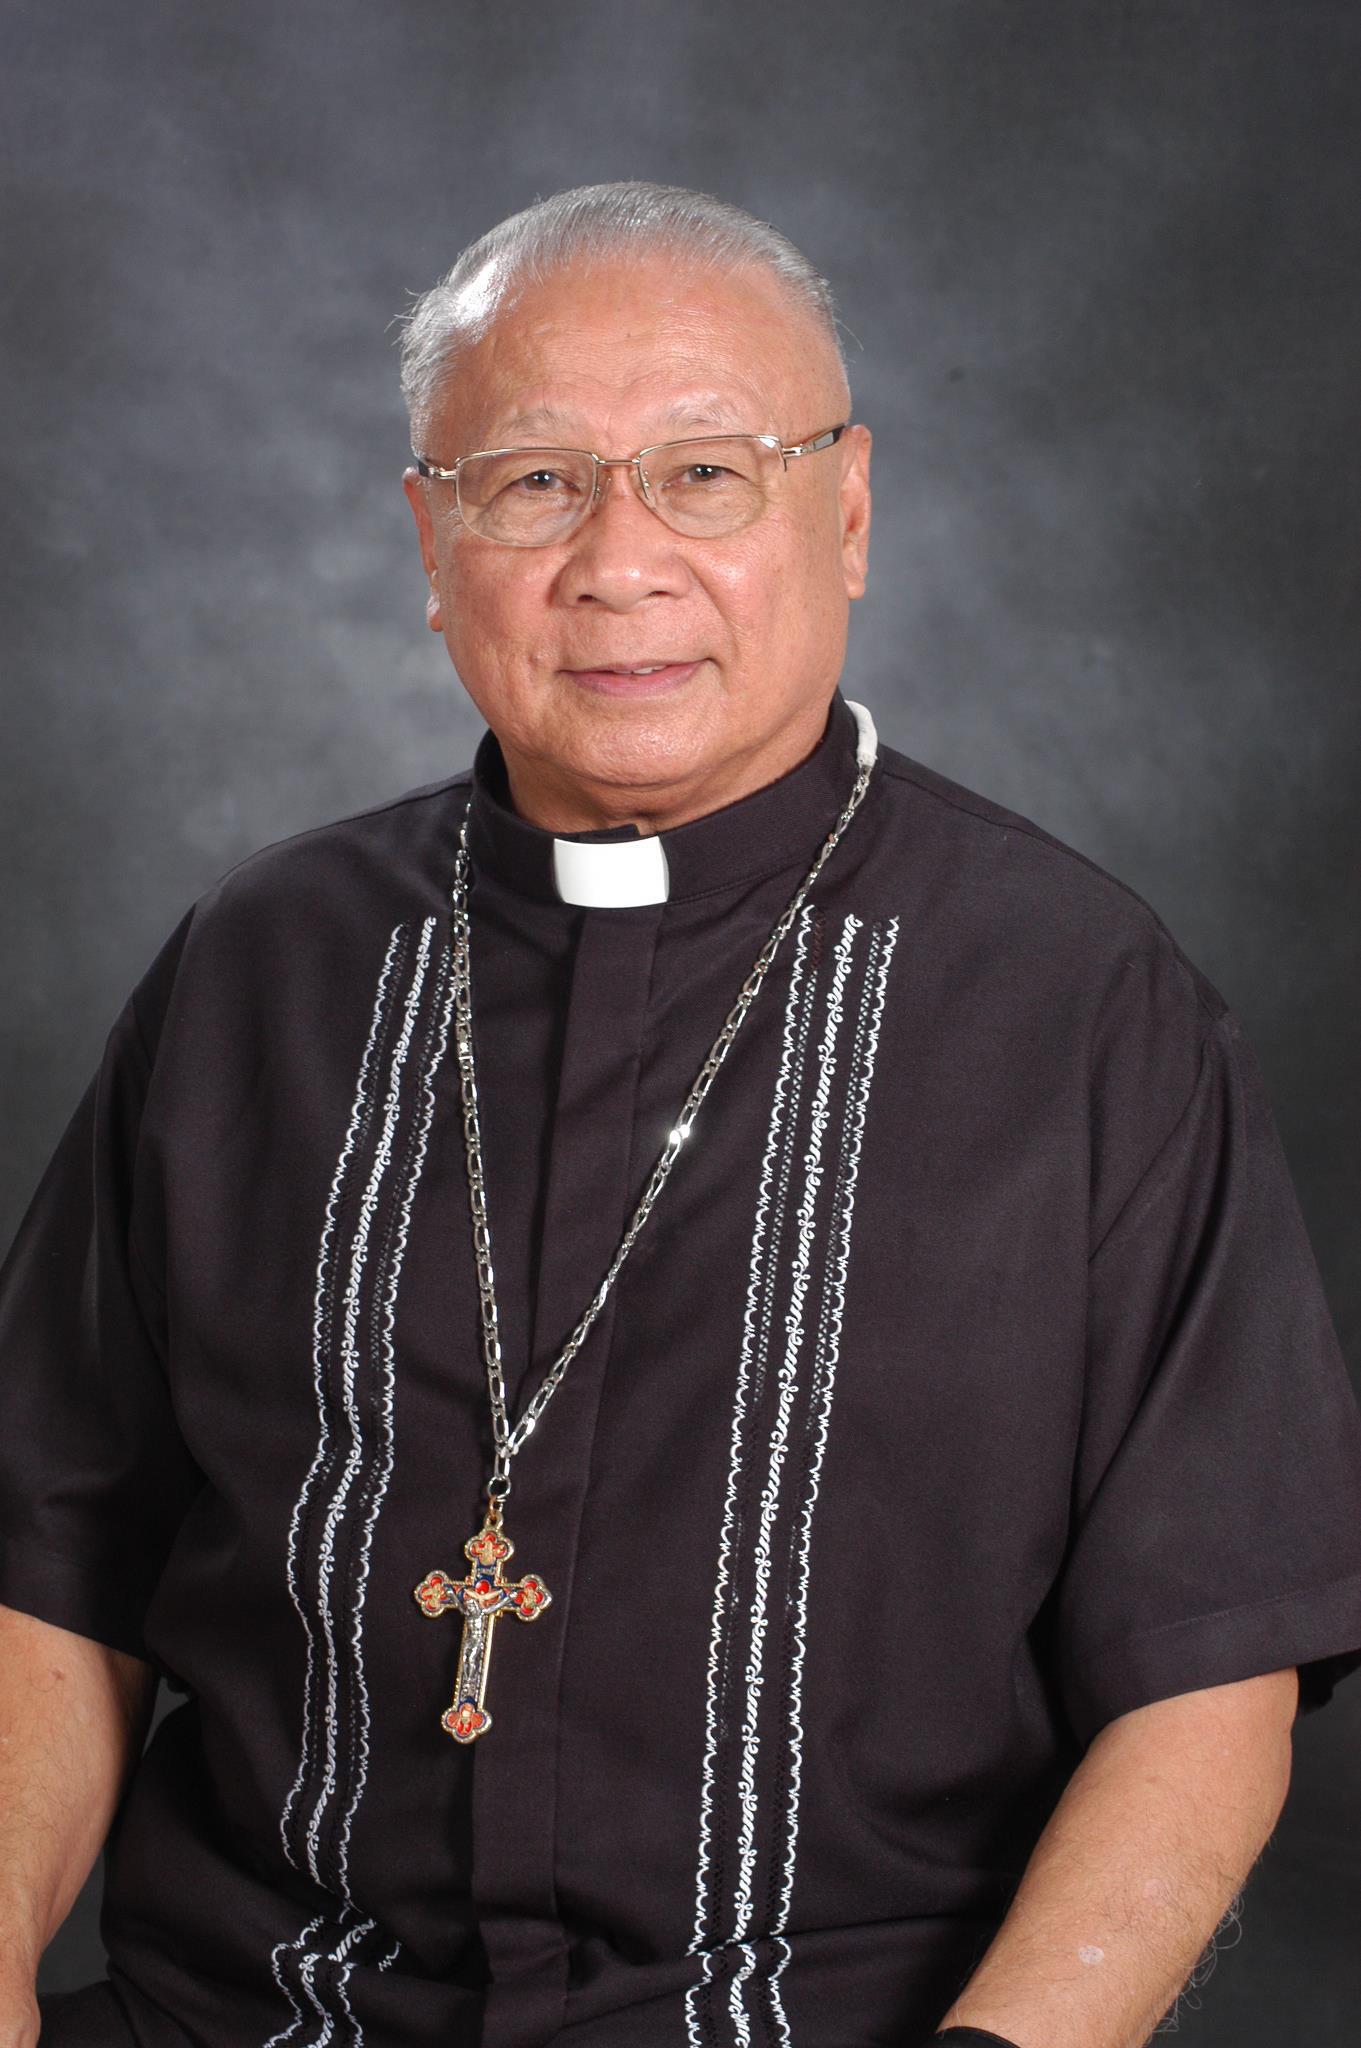 Bishop Jose C. Sorra